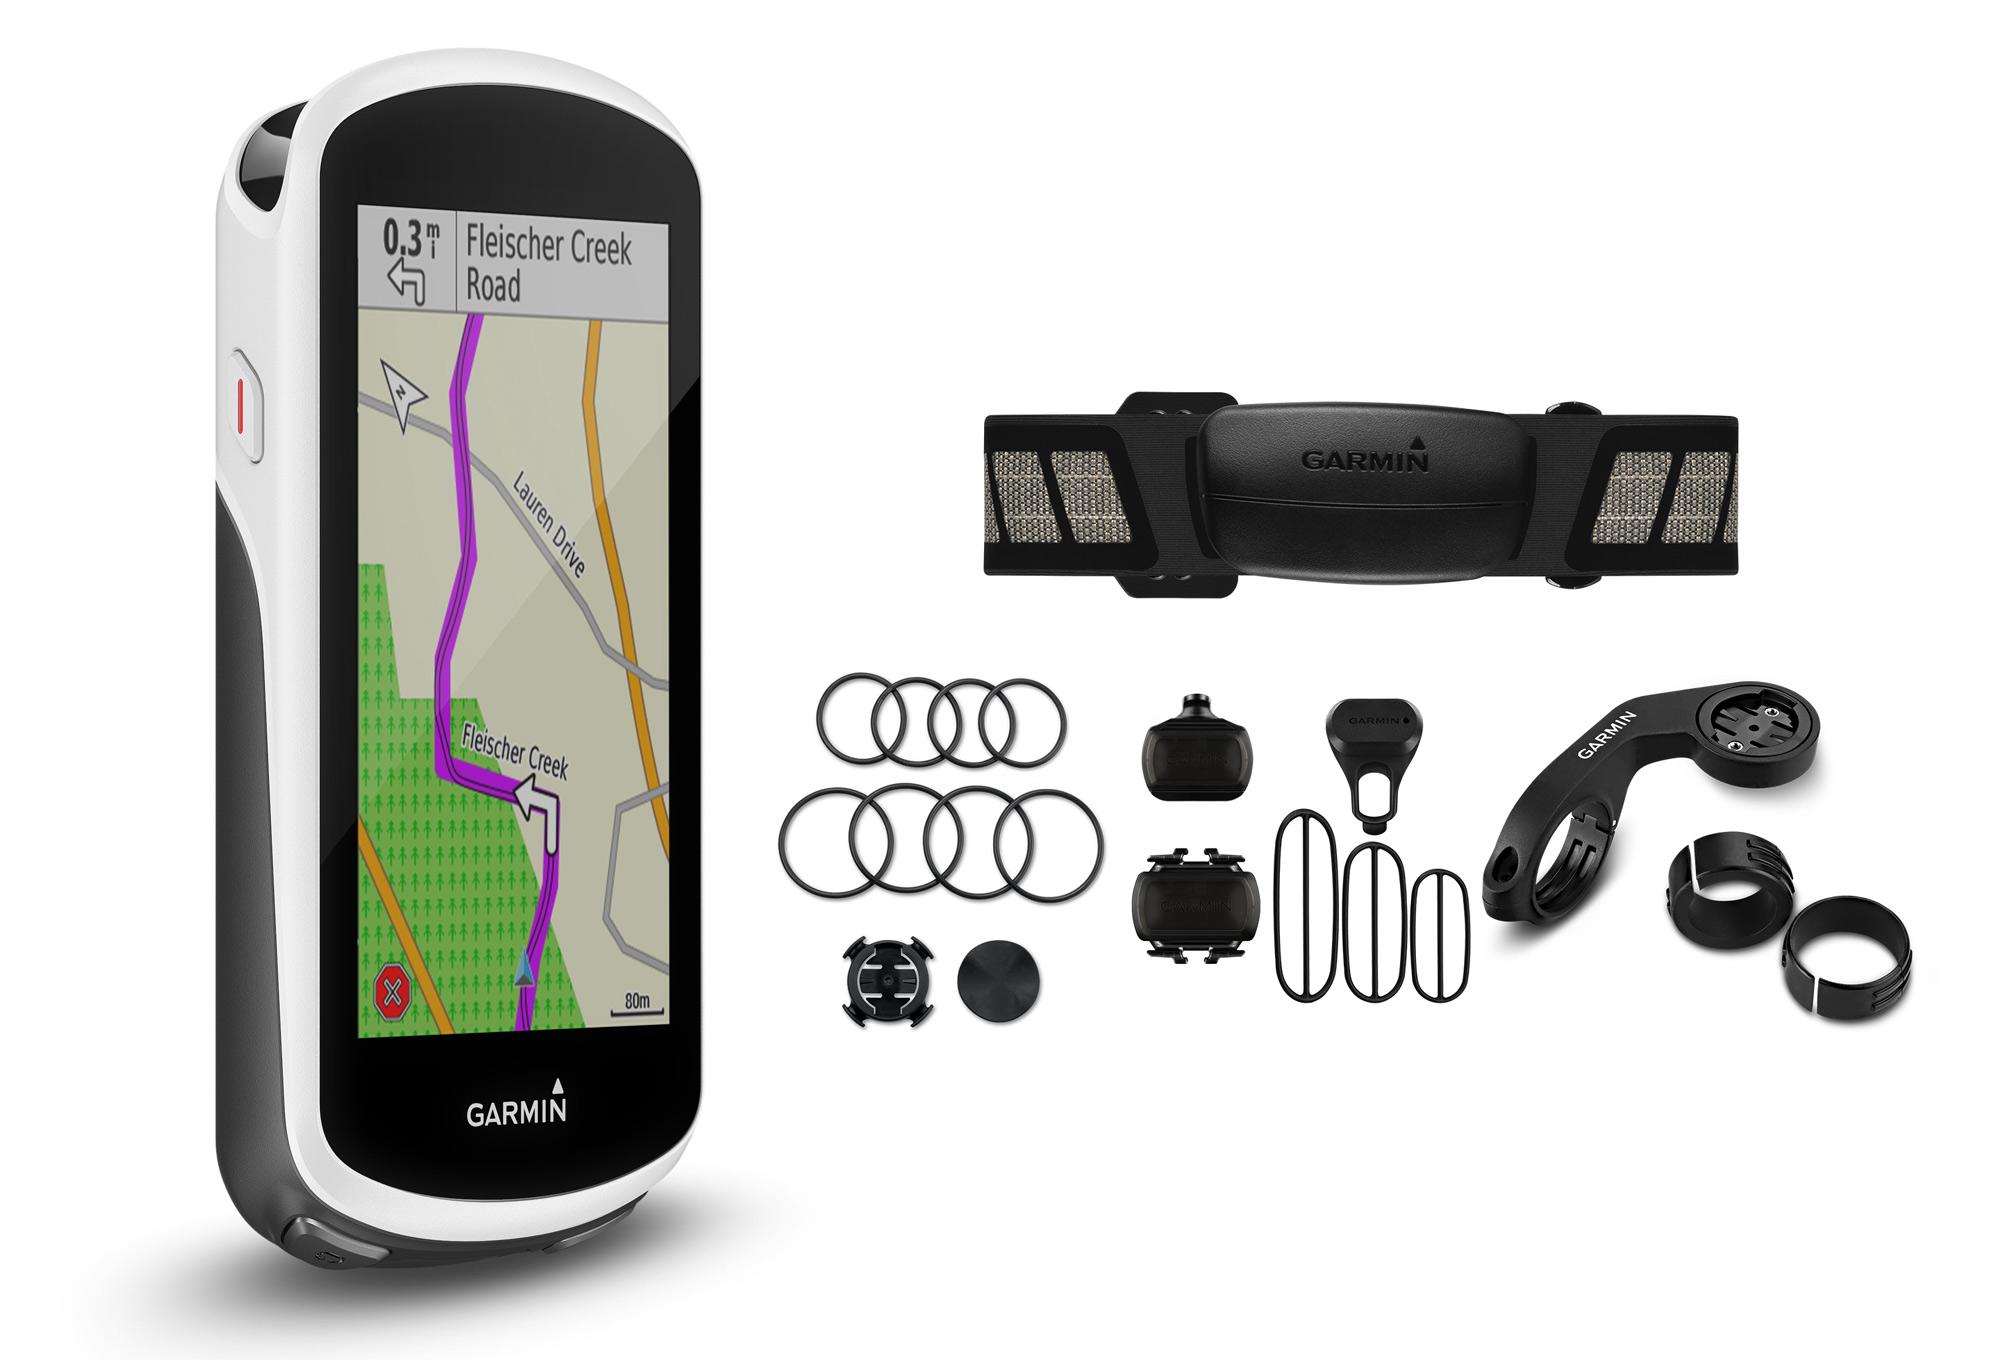 f4678d6d17 Compteur GPS Garmin Edge 1030 Pack Cardio + Cadence + Vitesse ...